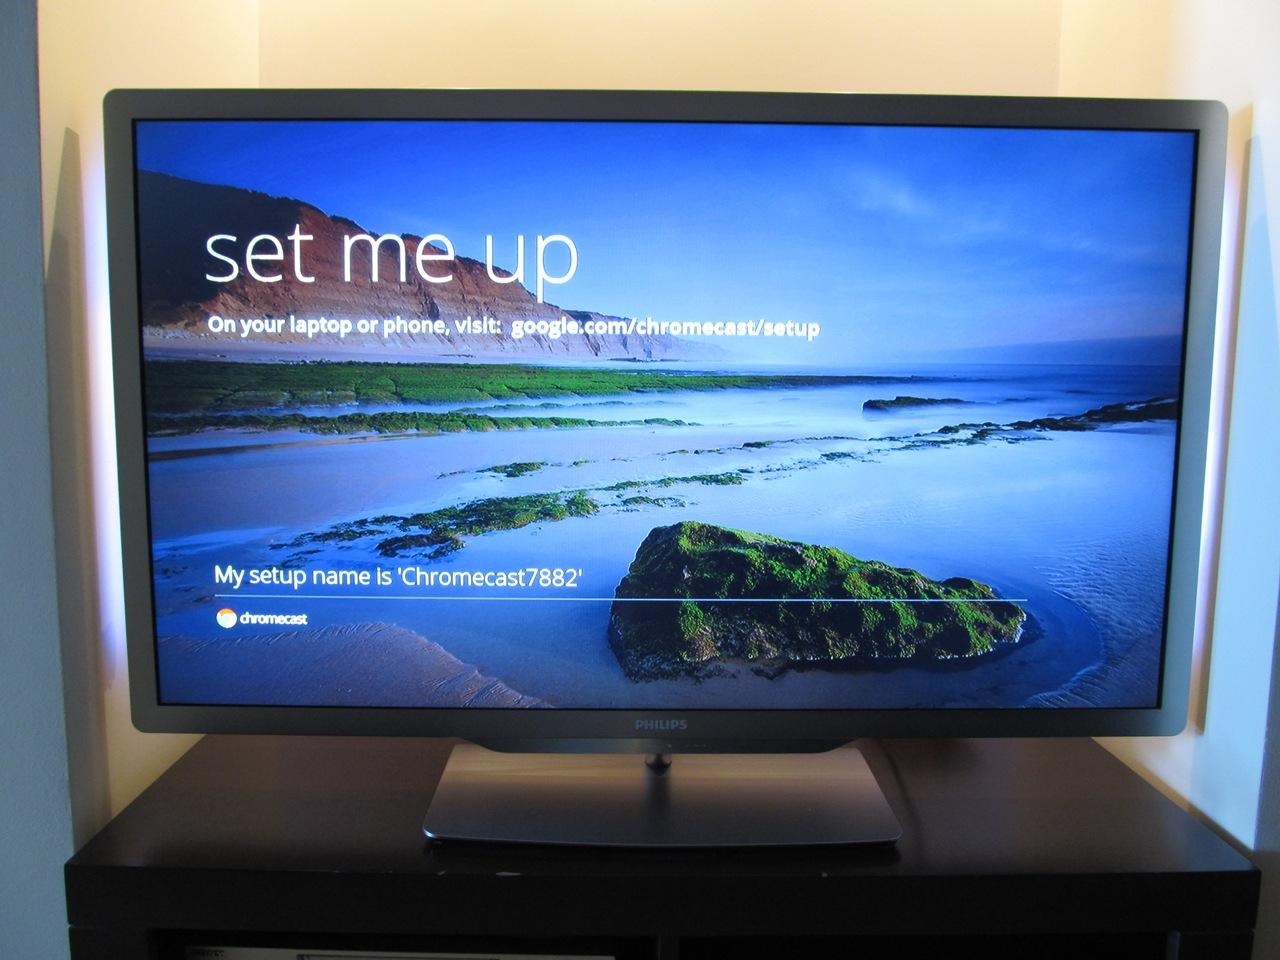 Chromecast_setup